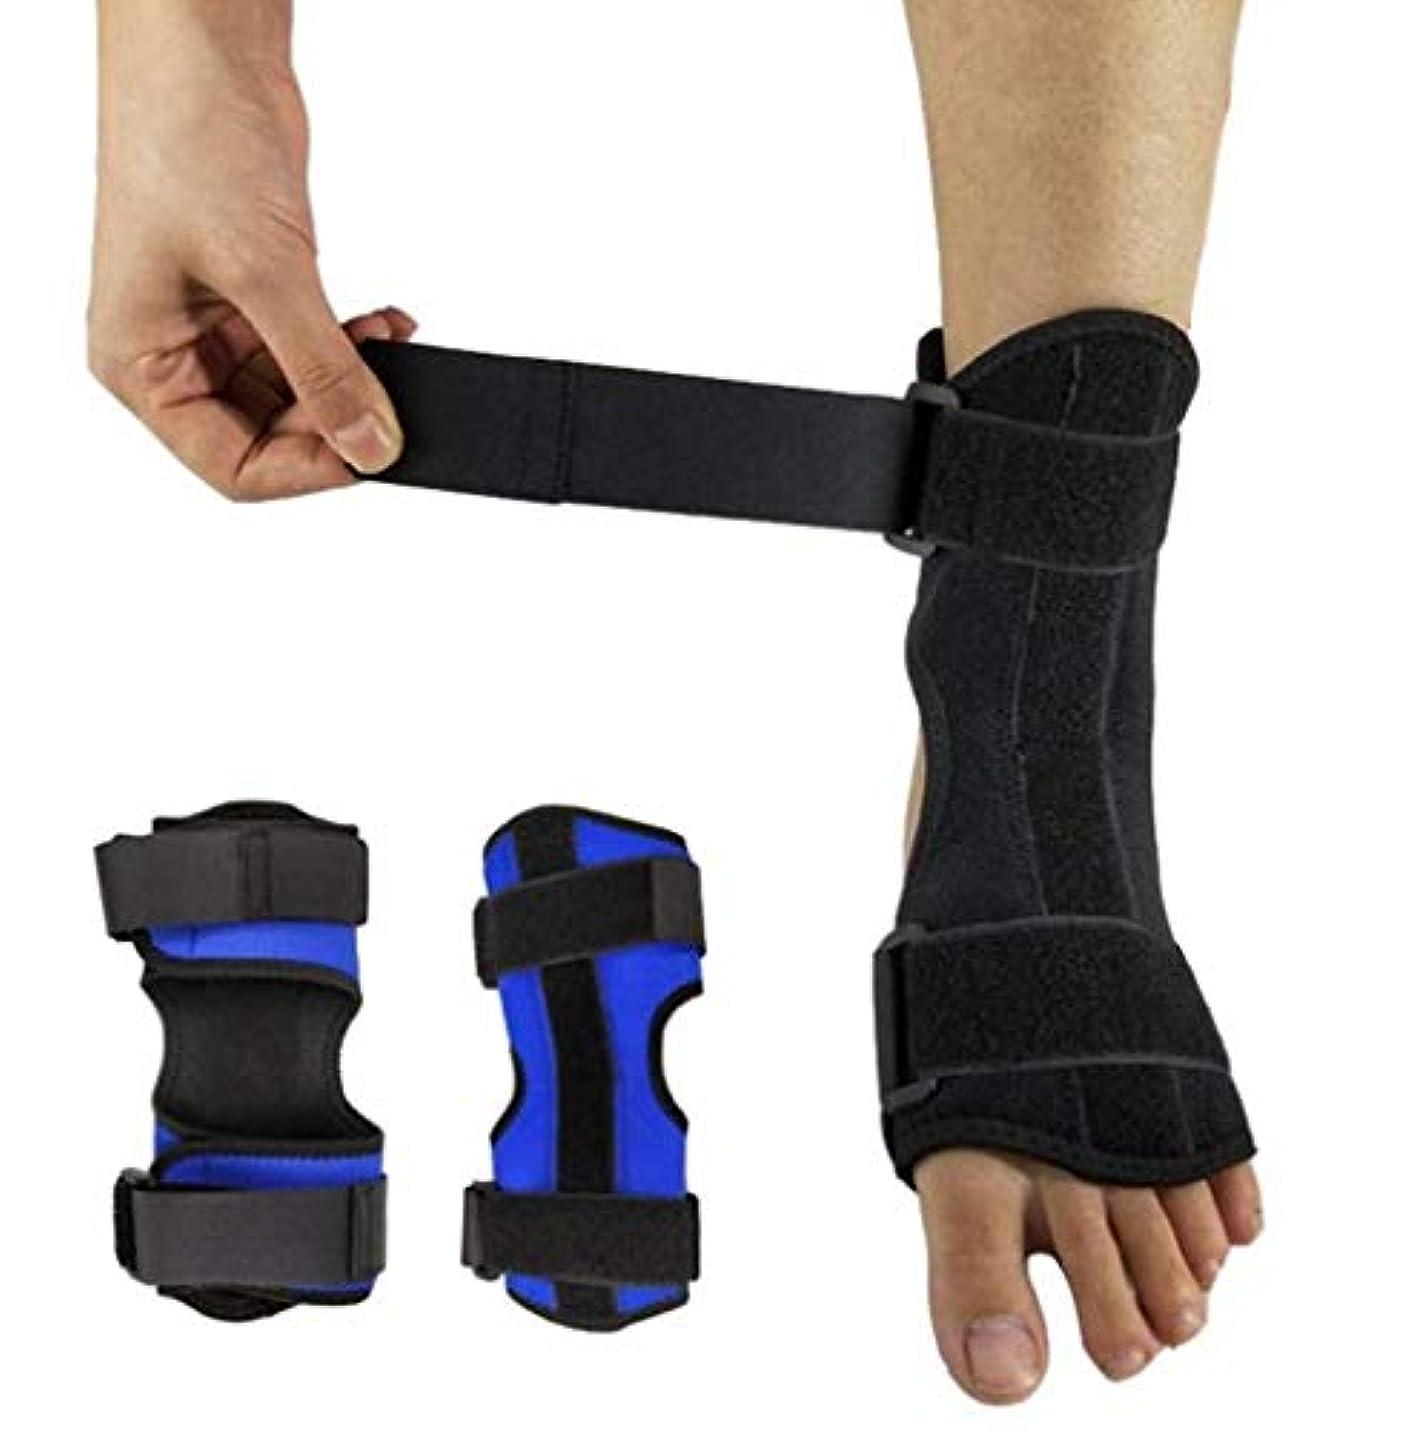 獣自己実り多いドロップフット–ドロップフット、神経損傷、足の位置、圧力緩和、足首と足の装具のサポート